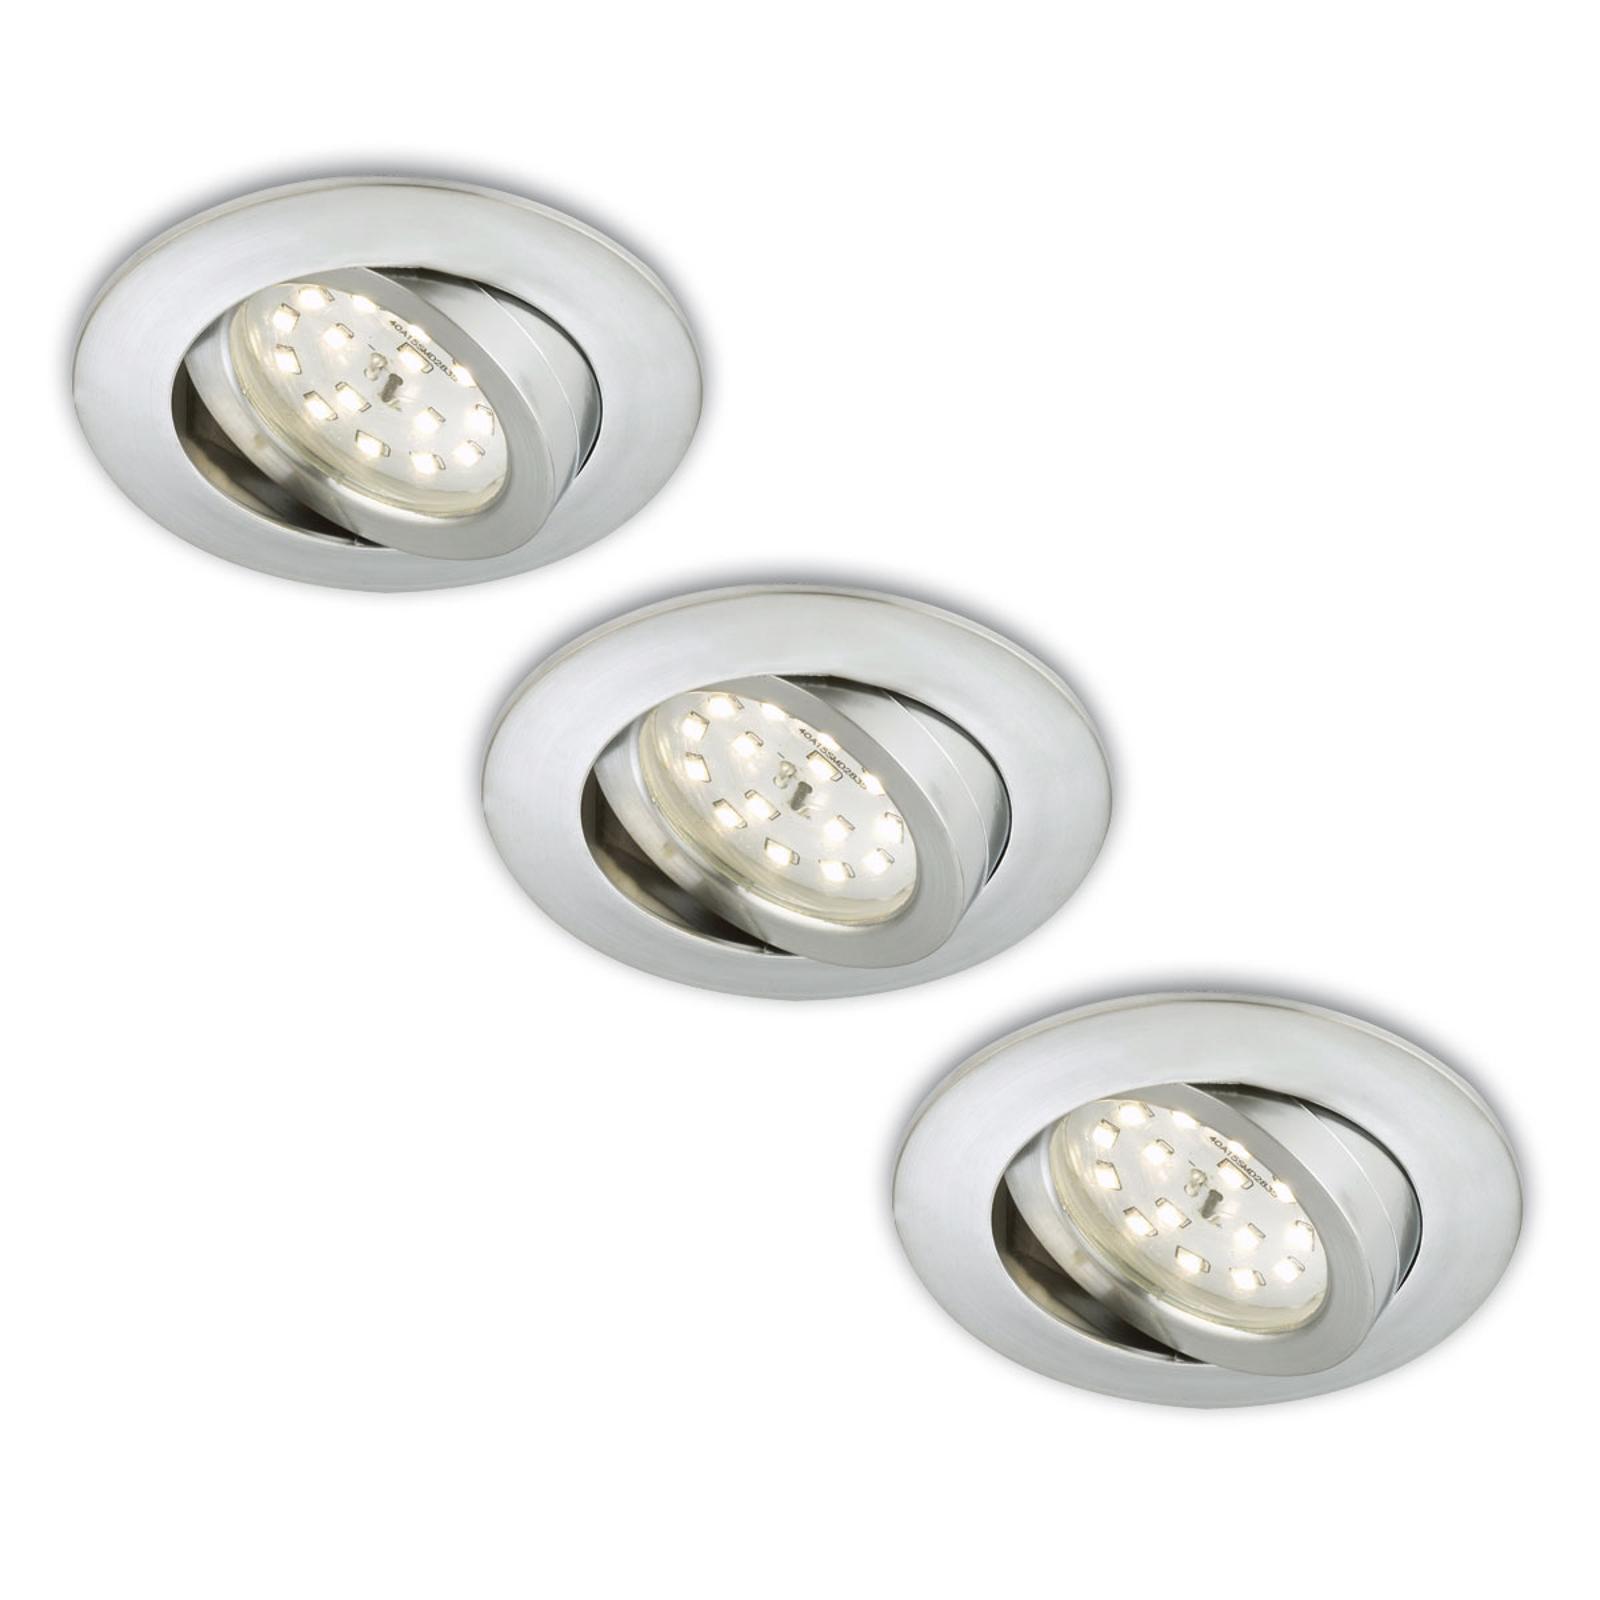 Pivo. Erik LED recessed light, set of 3, aluminium_1510286_1